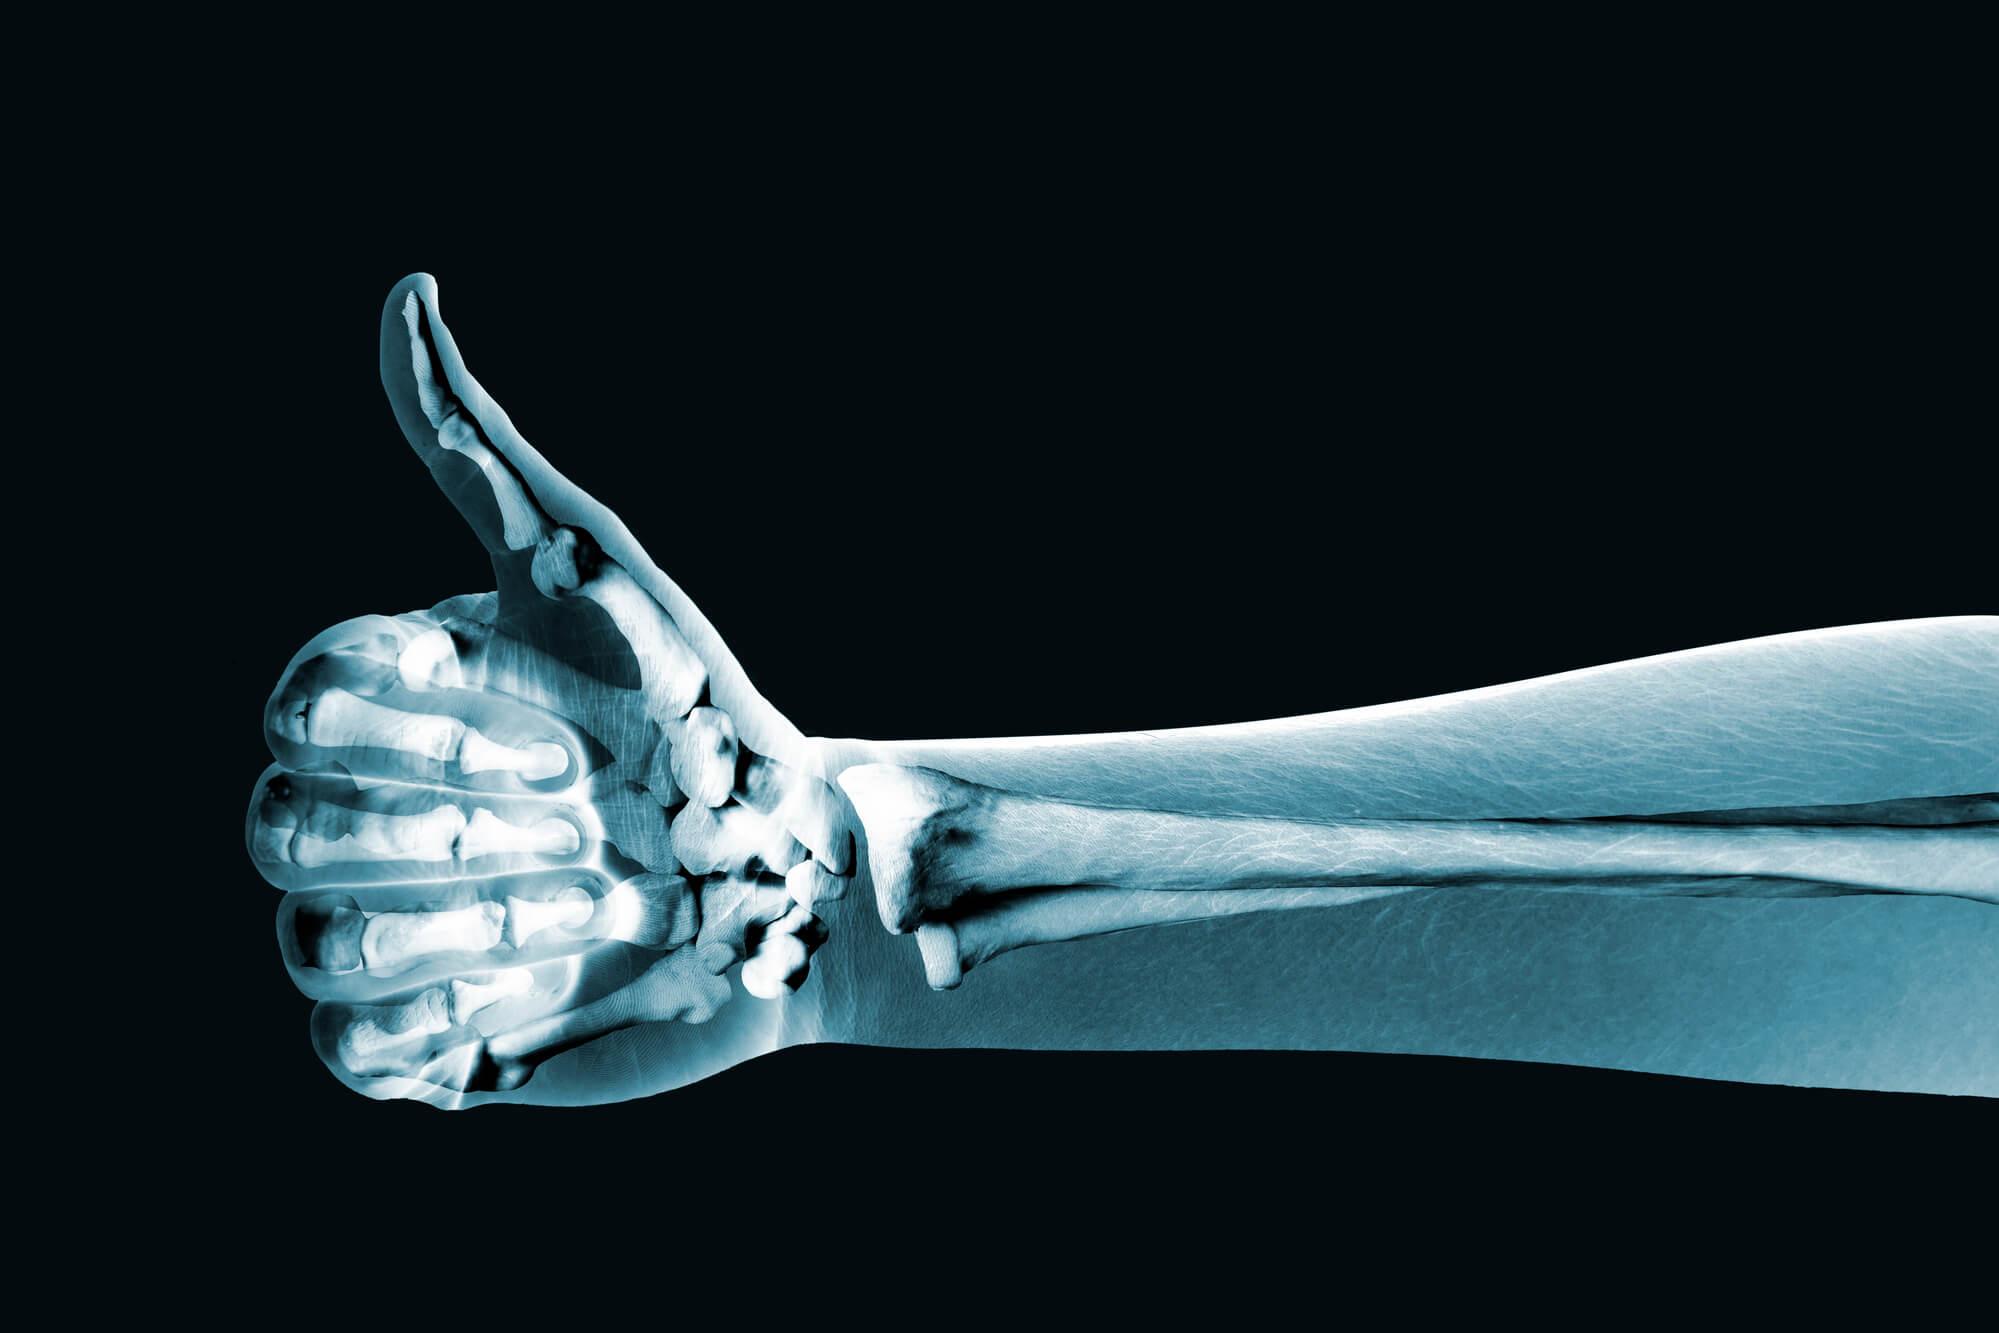 Les véganes sont-ils vraiment à risque pour des os fragiles?